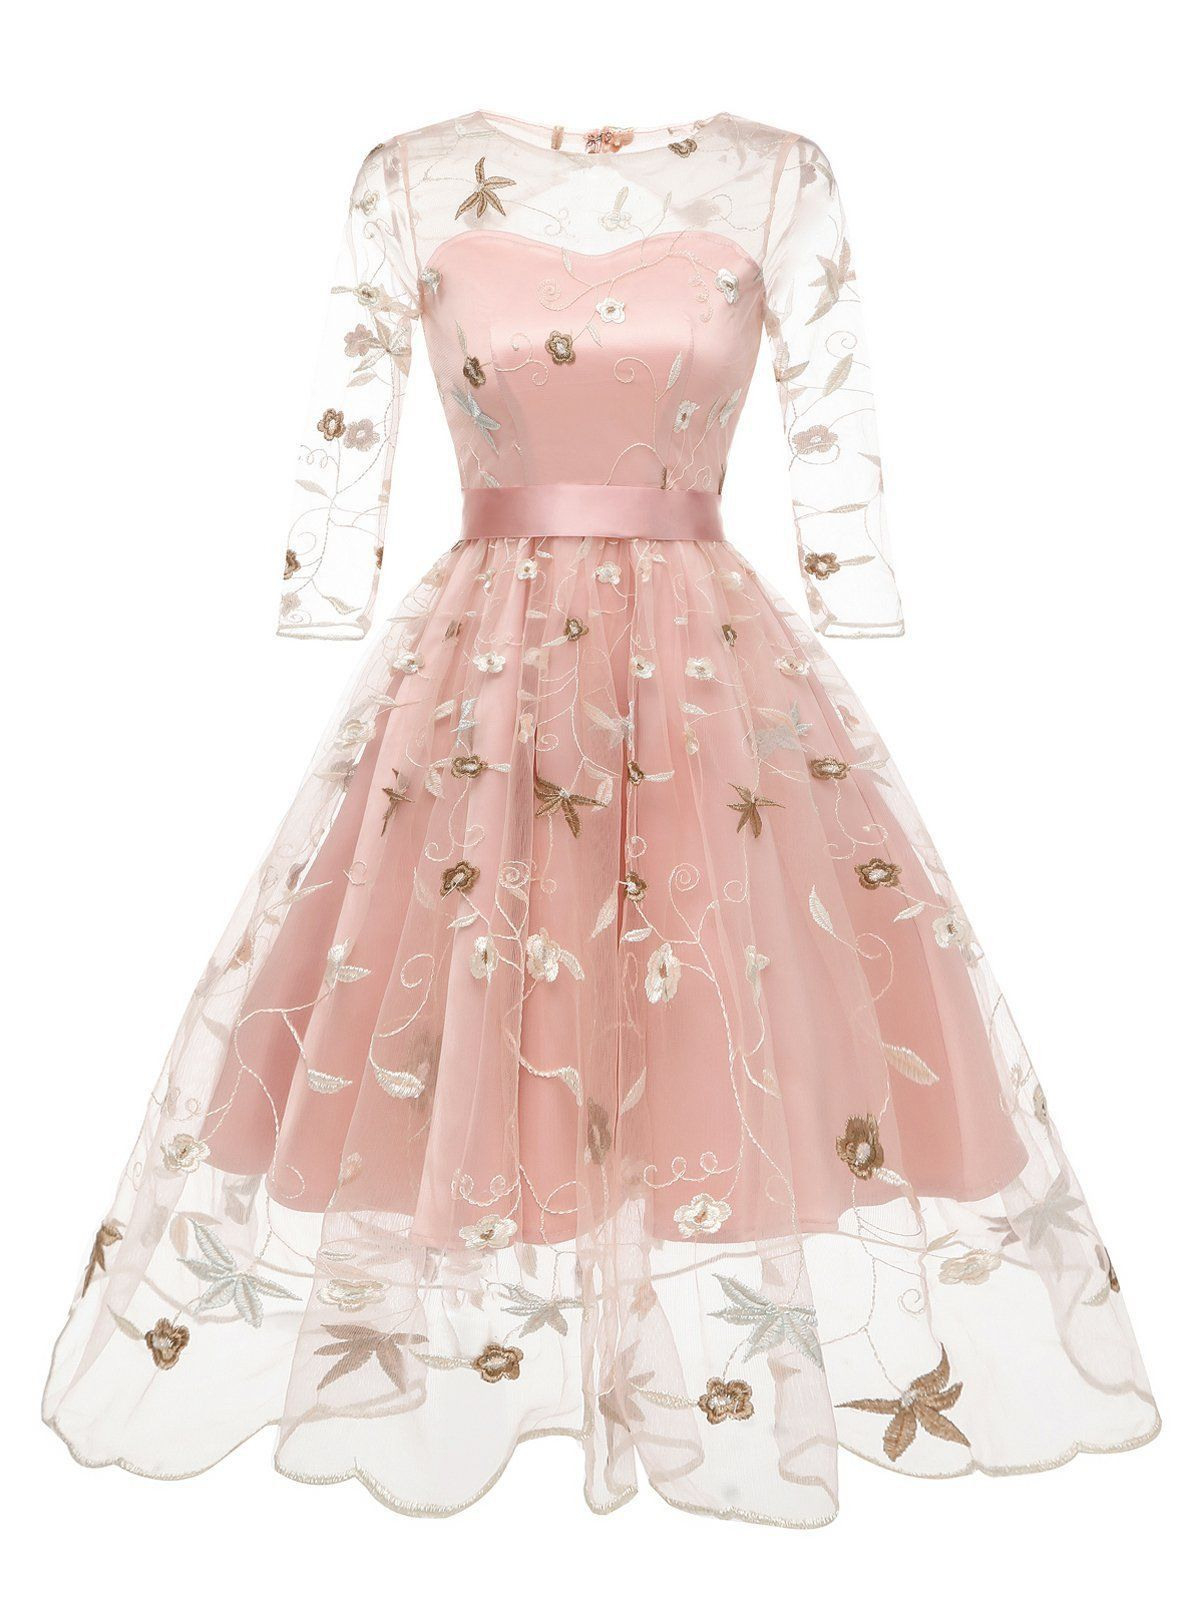 10 Einfach Abend Dress Type Ärmel15 Ausgezeichnet Abend Dress Type Stylish